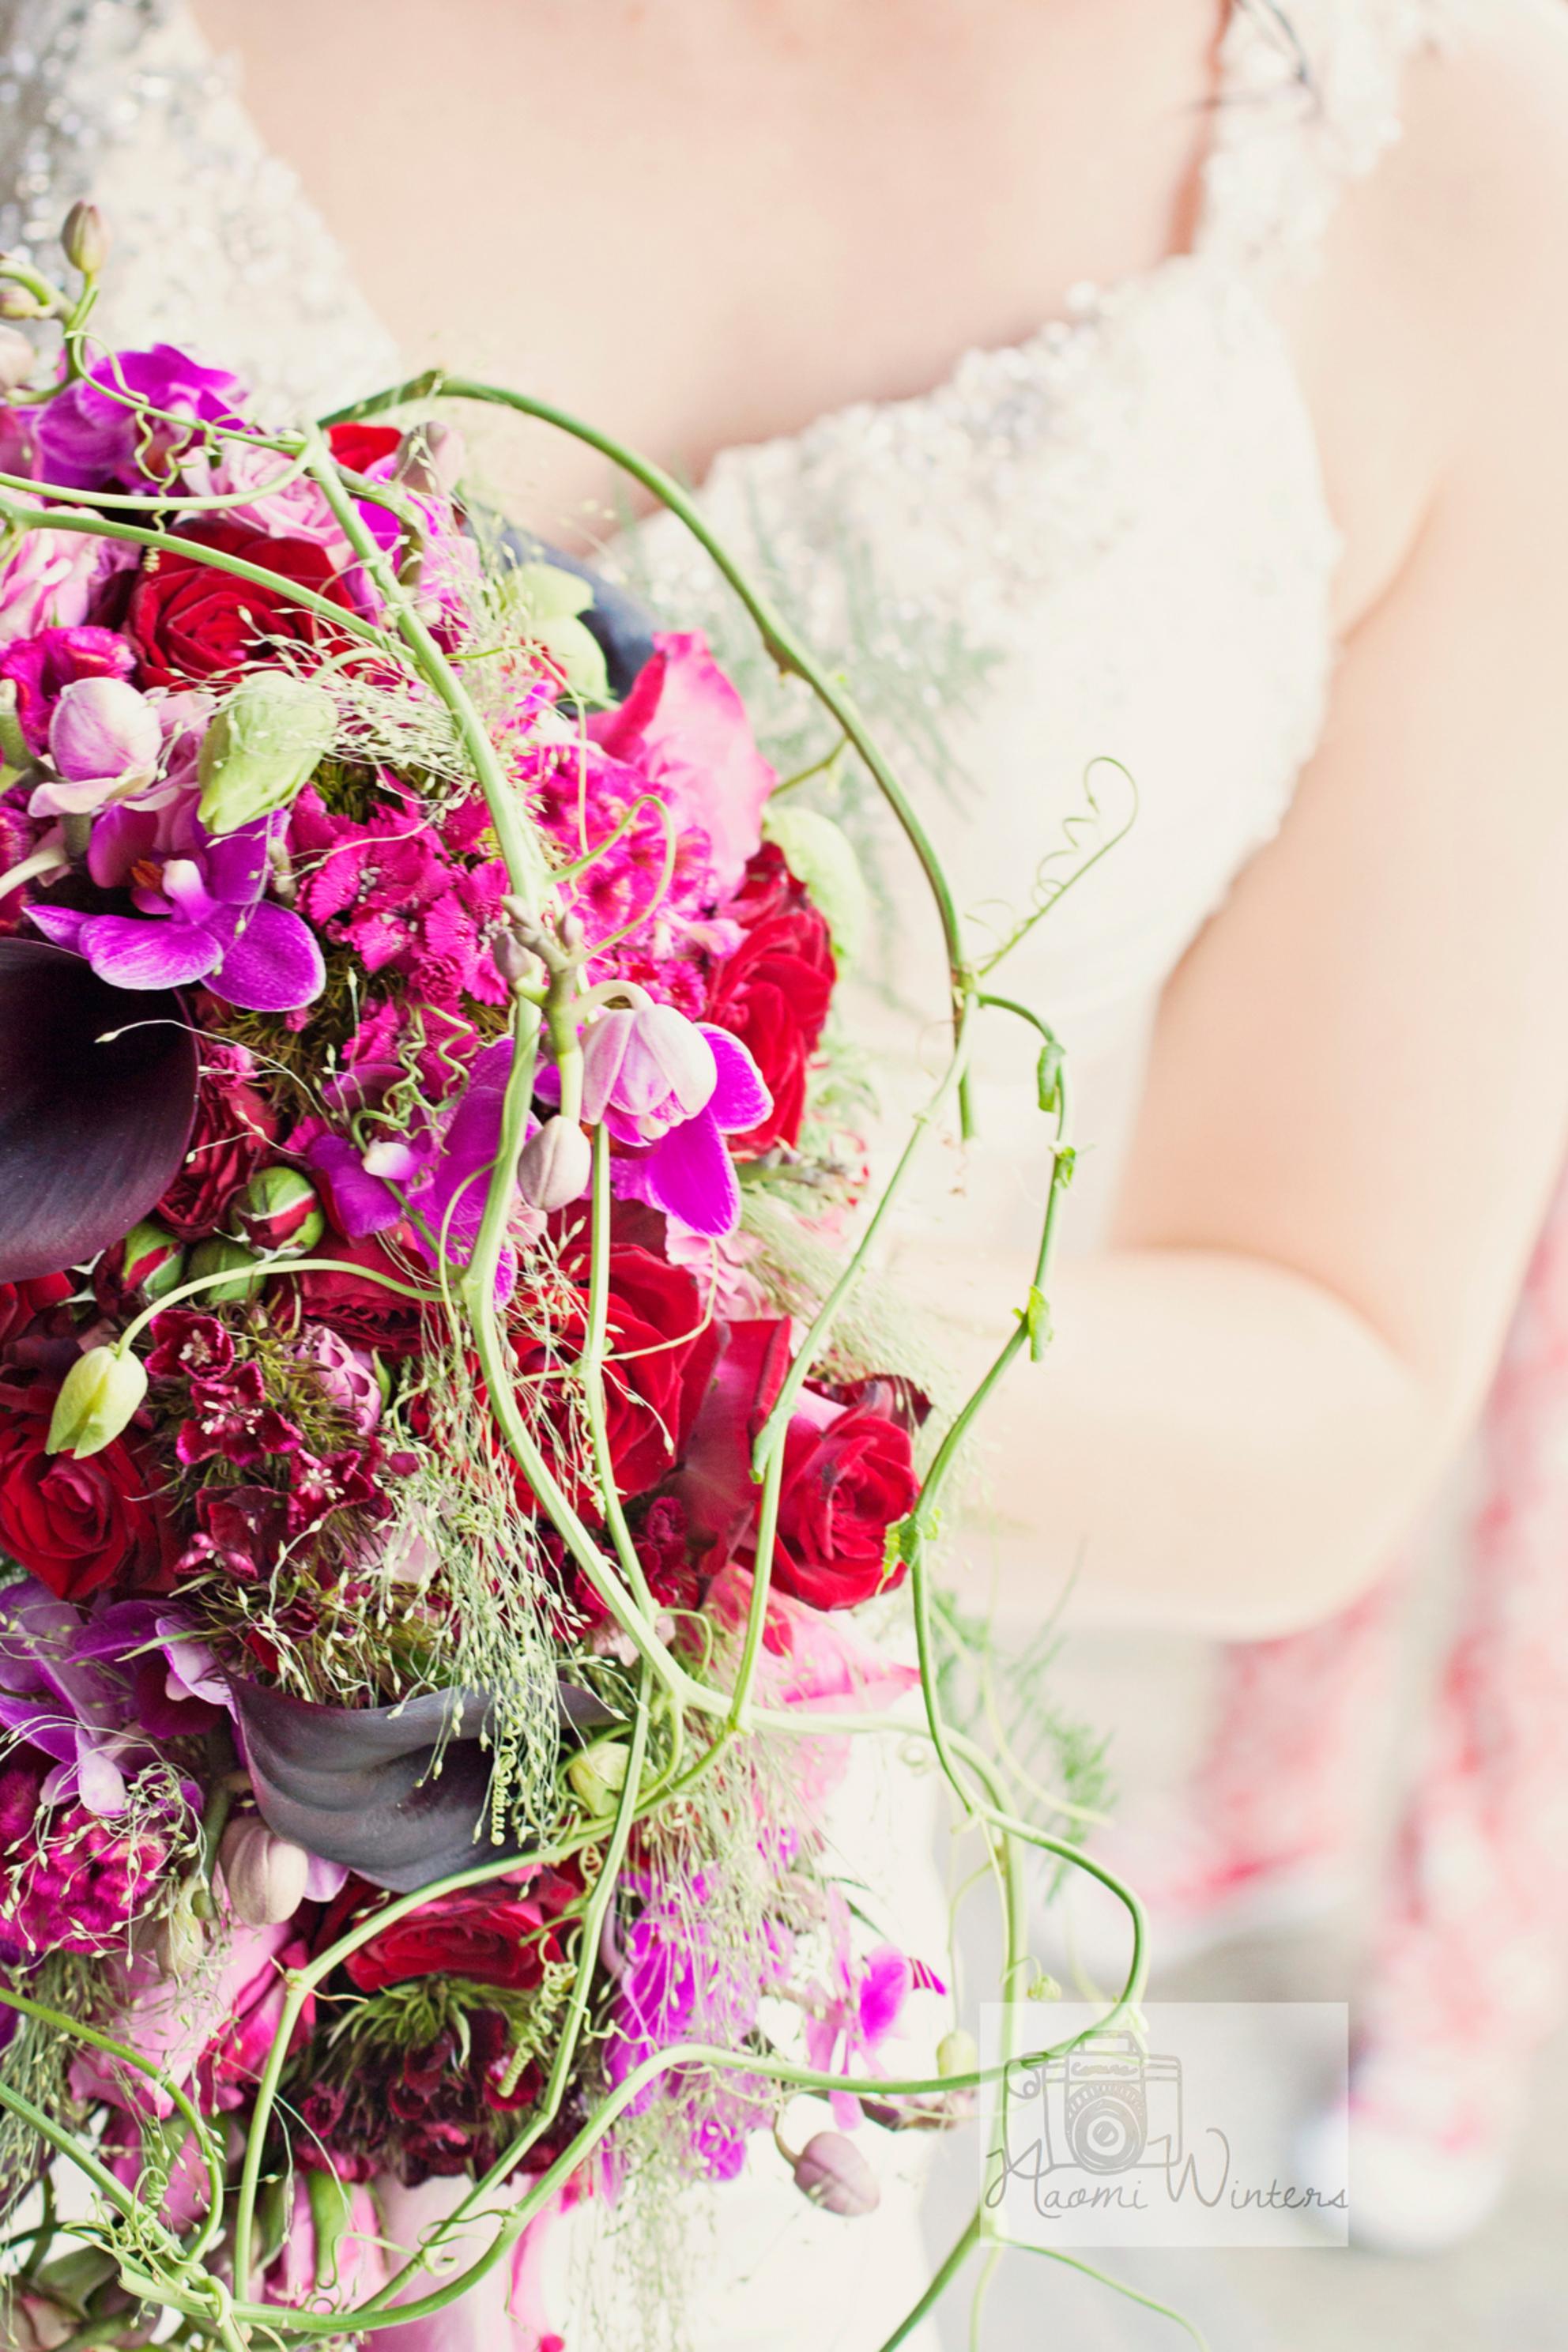 boeket - - - foto door Noompie op 03-10-2014 - deze foto bevat: boeket, bloemen, bruiloft - Deze foto mag gebruikt worden in een Zoom.nl publicatie